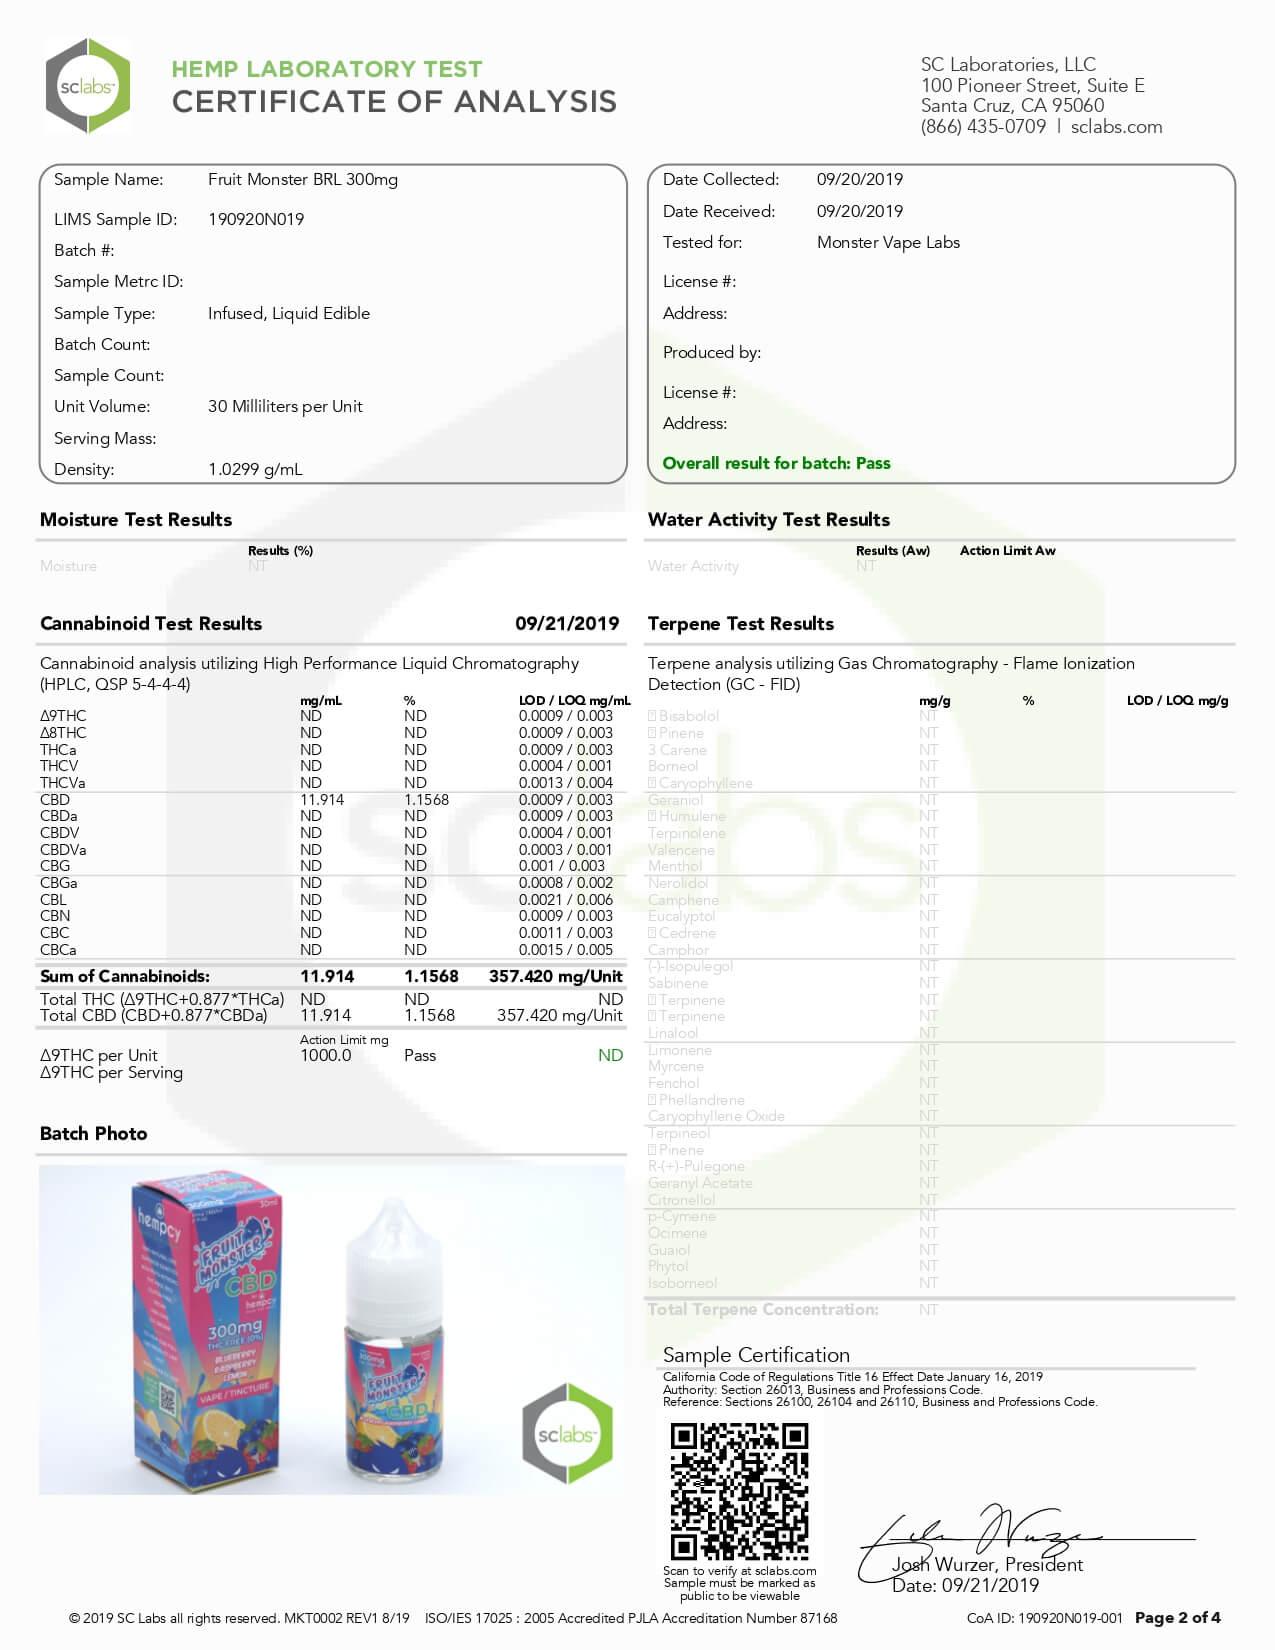 Fruit Monster CBD Vape Blueberry Raspberry Lemon 300mg Lab Report